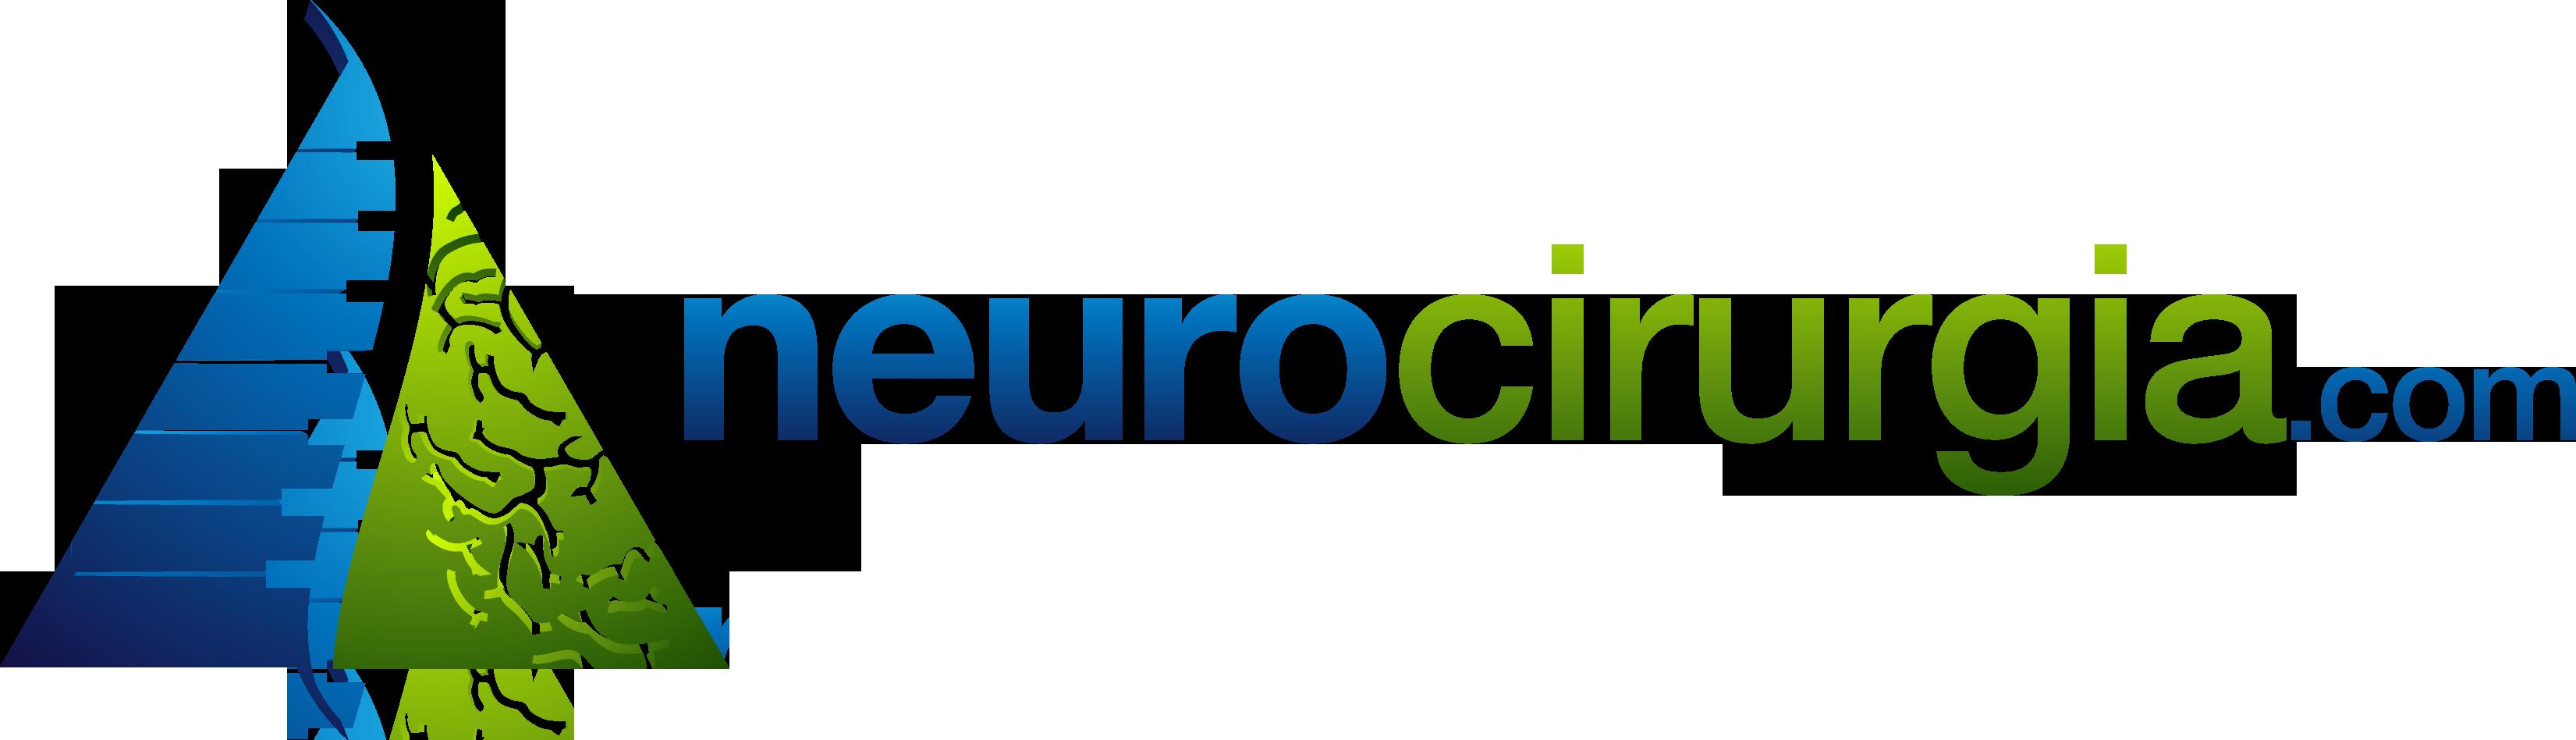 neurocirurgia-equipe-especializada-cirurgia-de-coluna-minimamente-invasiva-sao-paulo